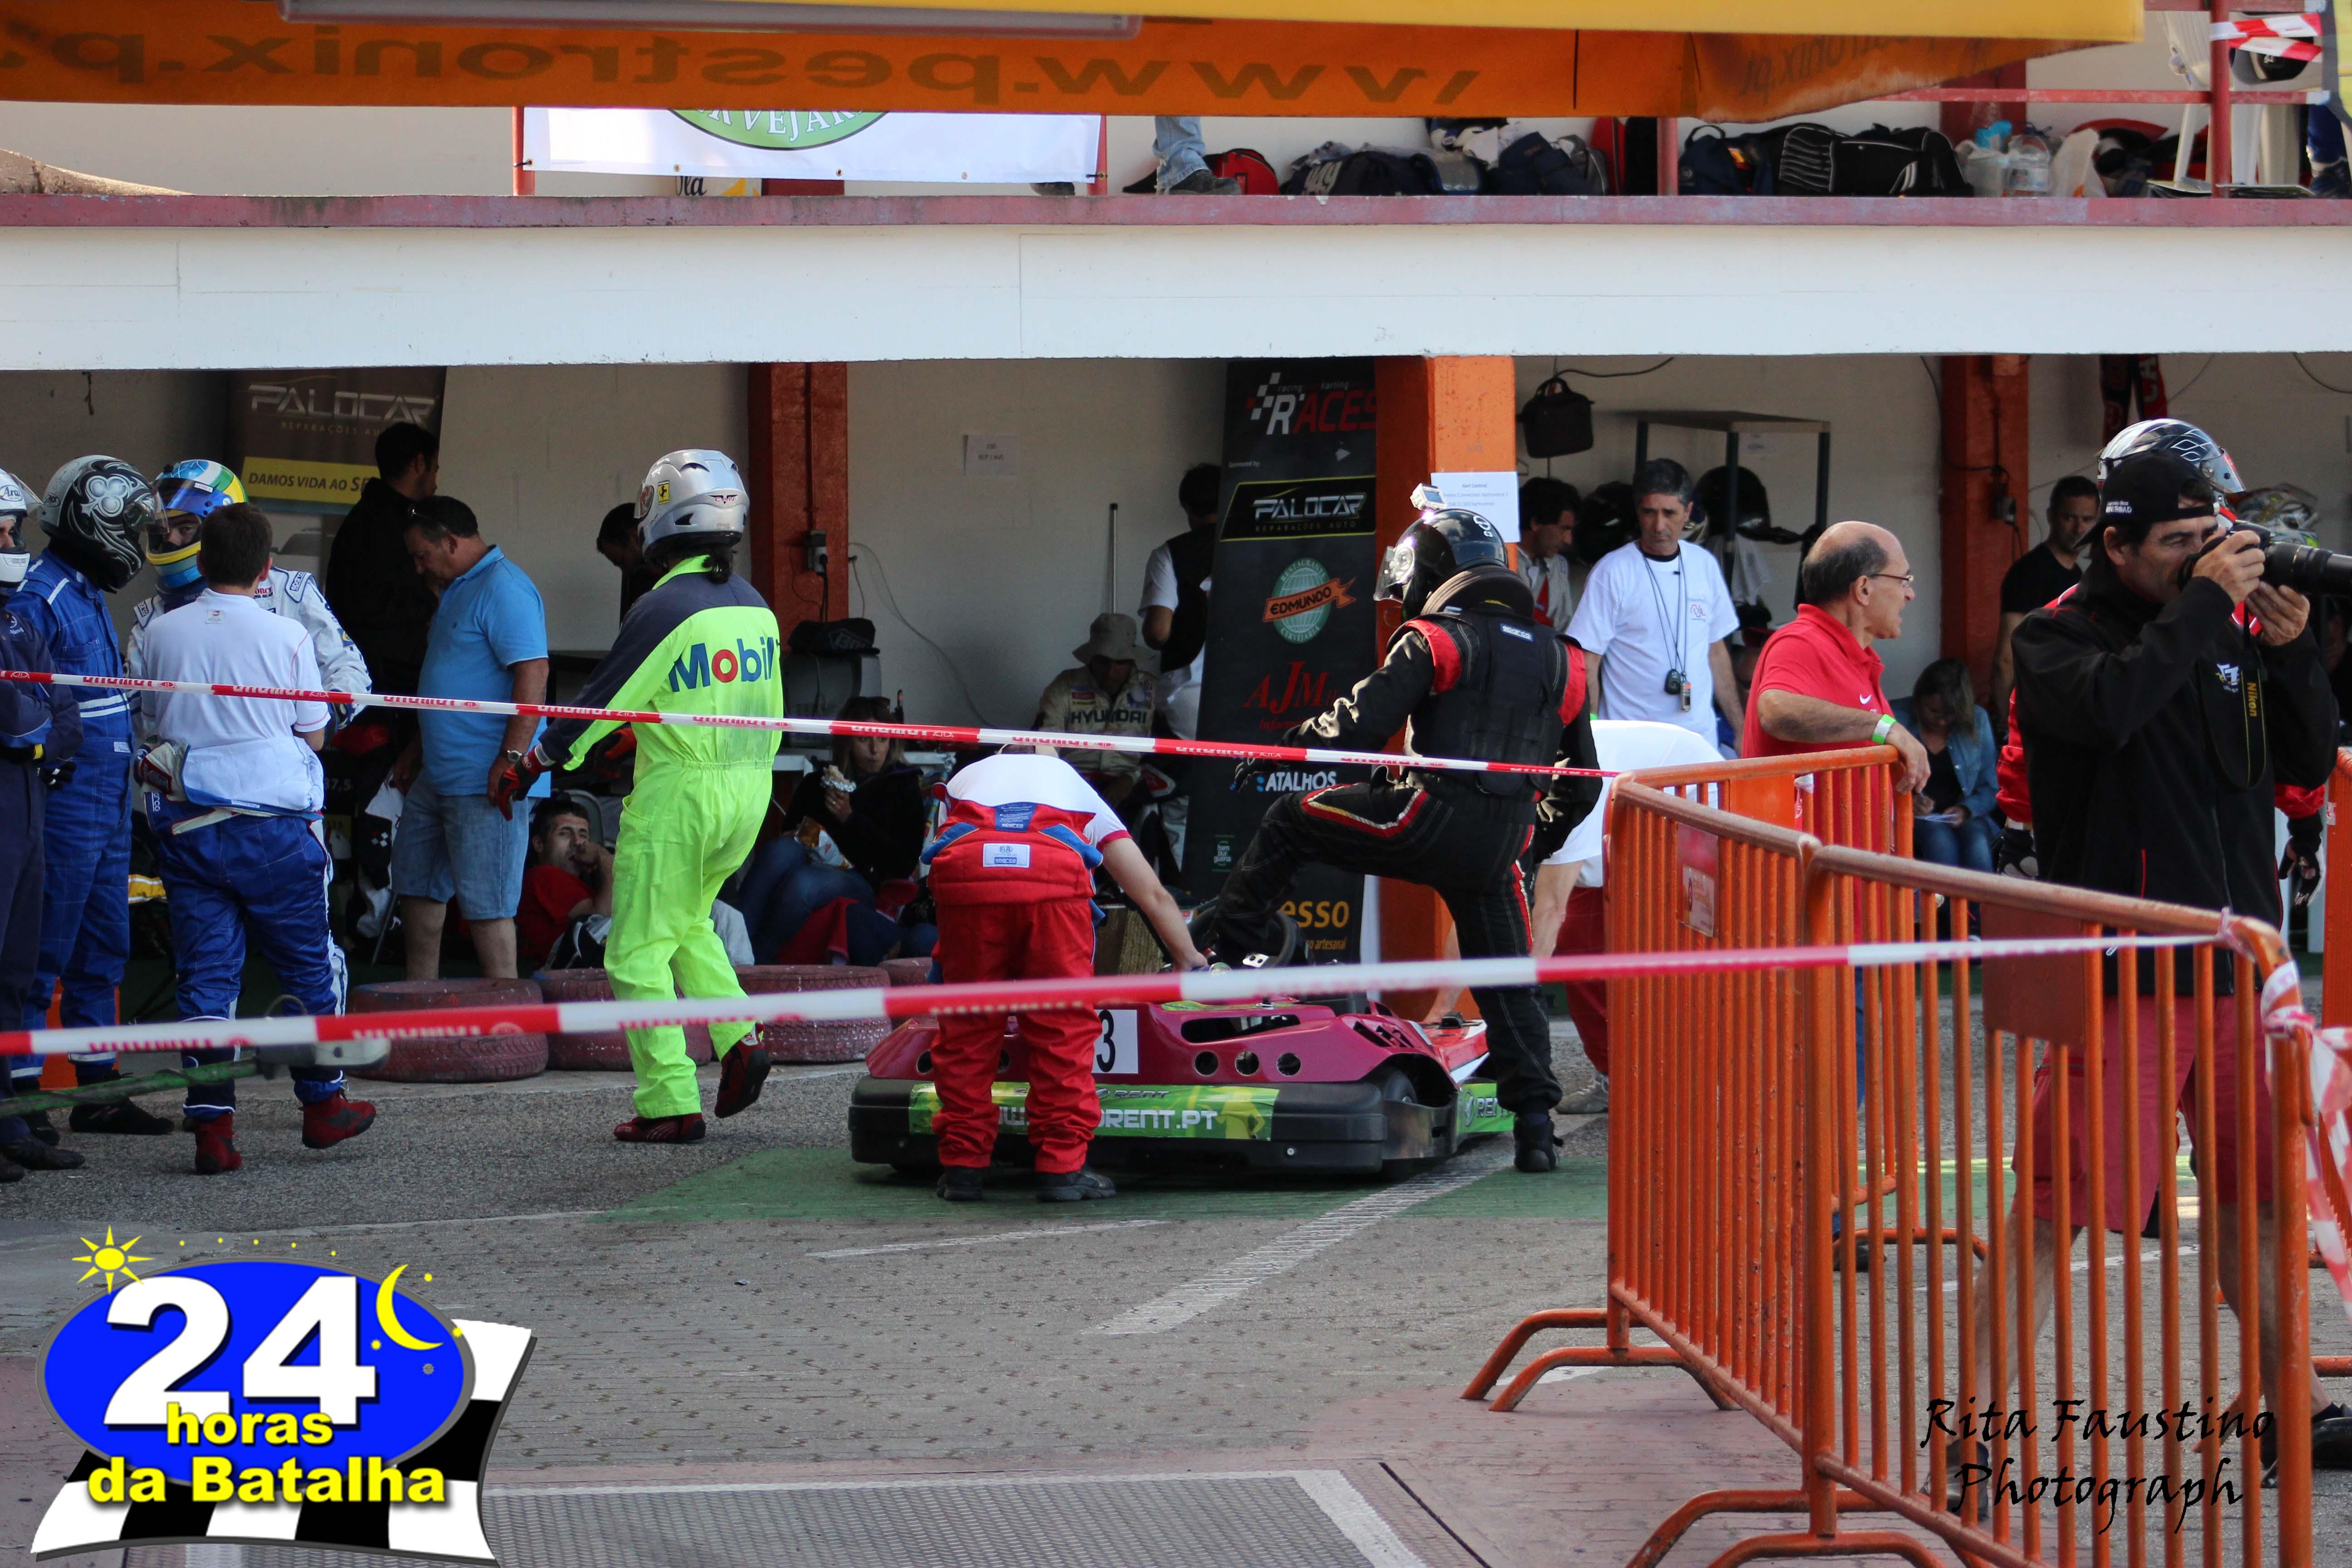 24 Horas da Batalha 2015 - Troca de pilotos37